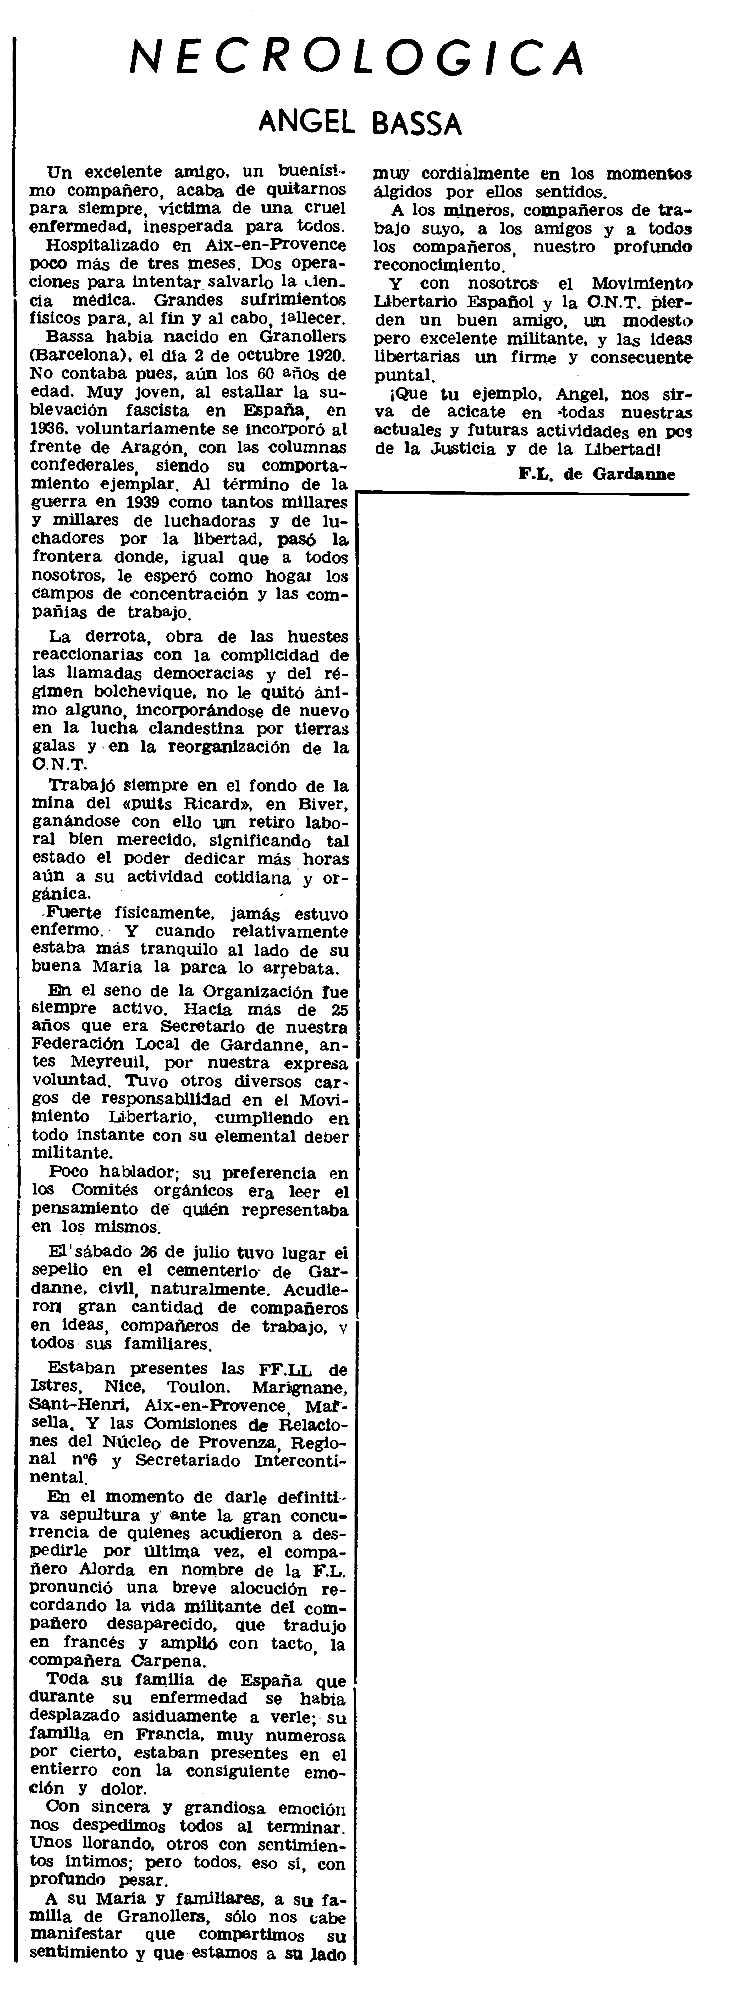 """Necrològica d'Àngel Basa Vallès apareguda en el periòdic parisenc """"Le Combat Syndicaliste"""" del 25 de setembre de 1980"""